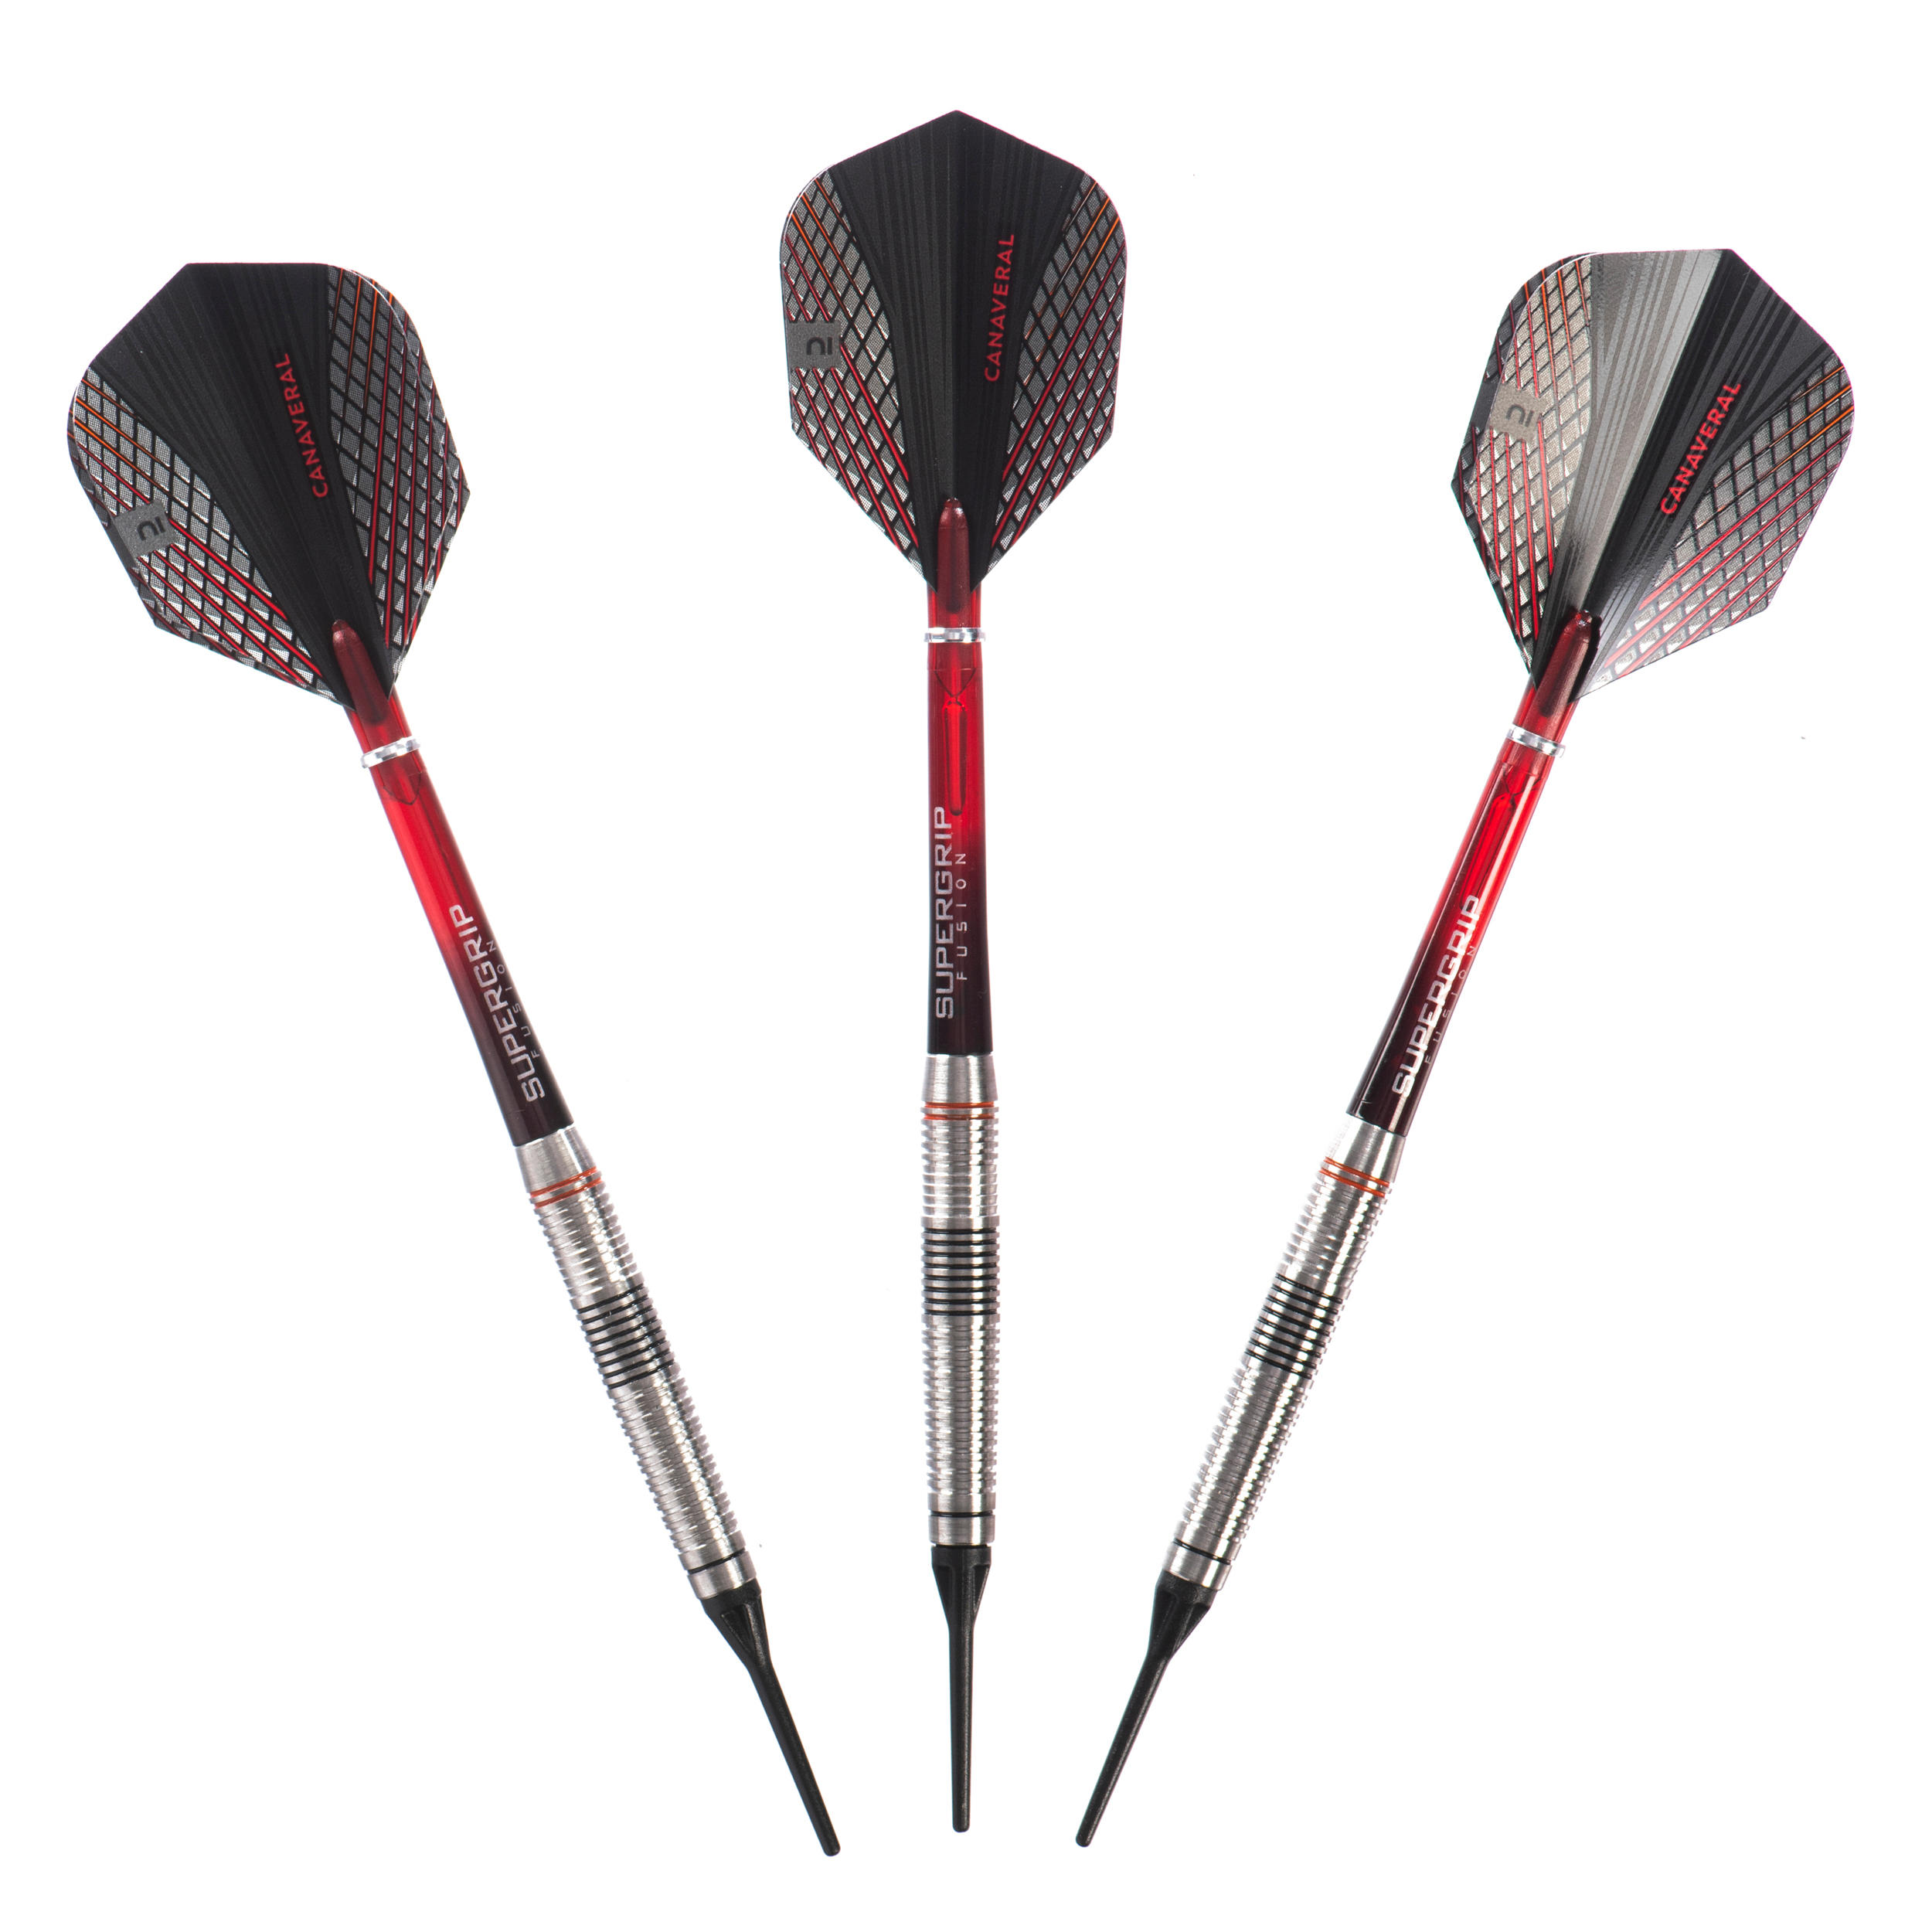 Săgeată S940 darts x3 imagine